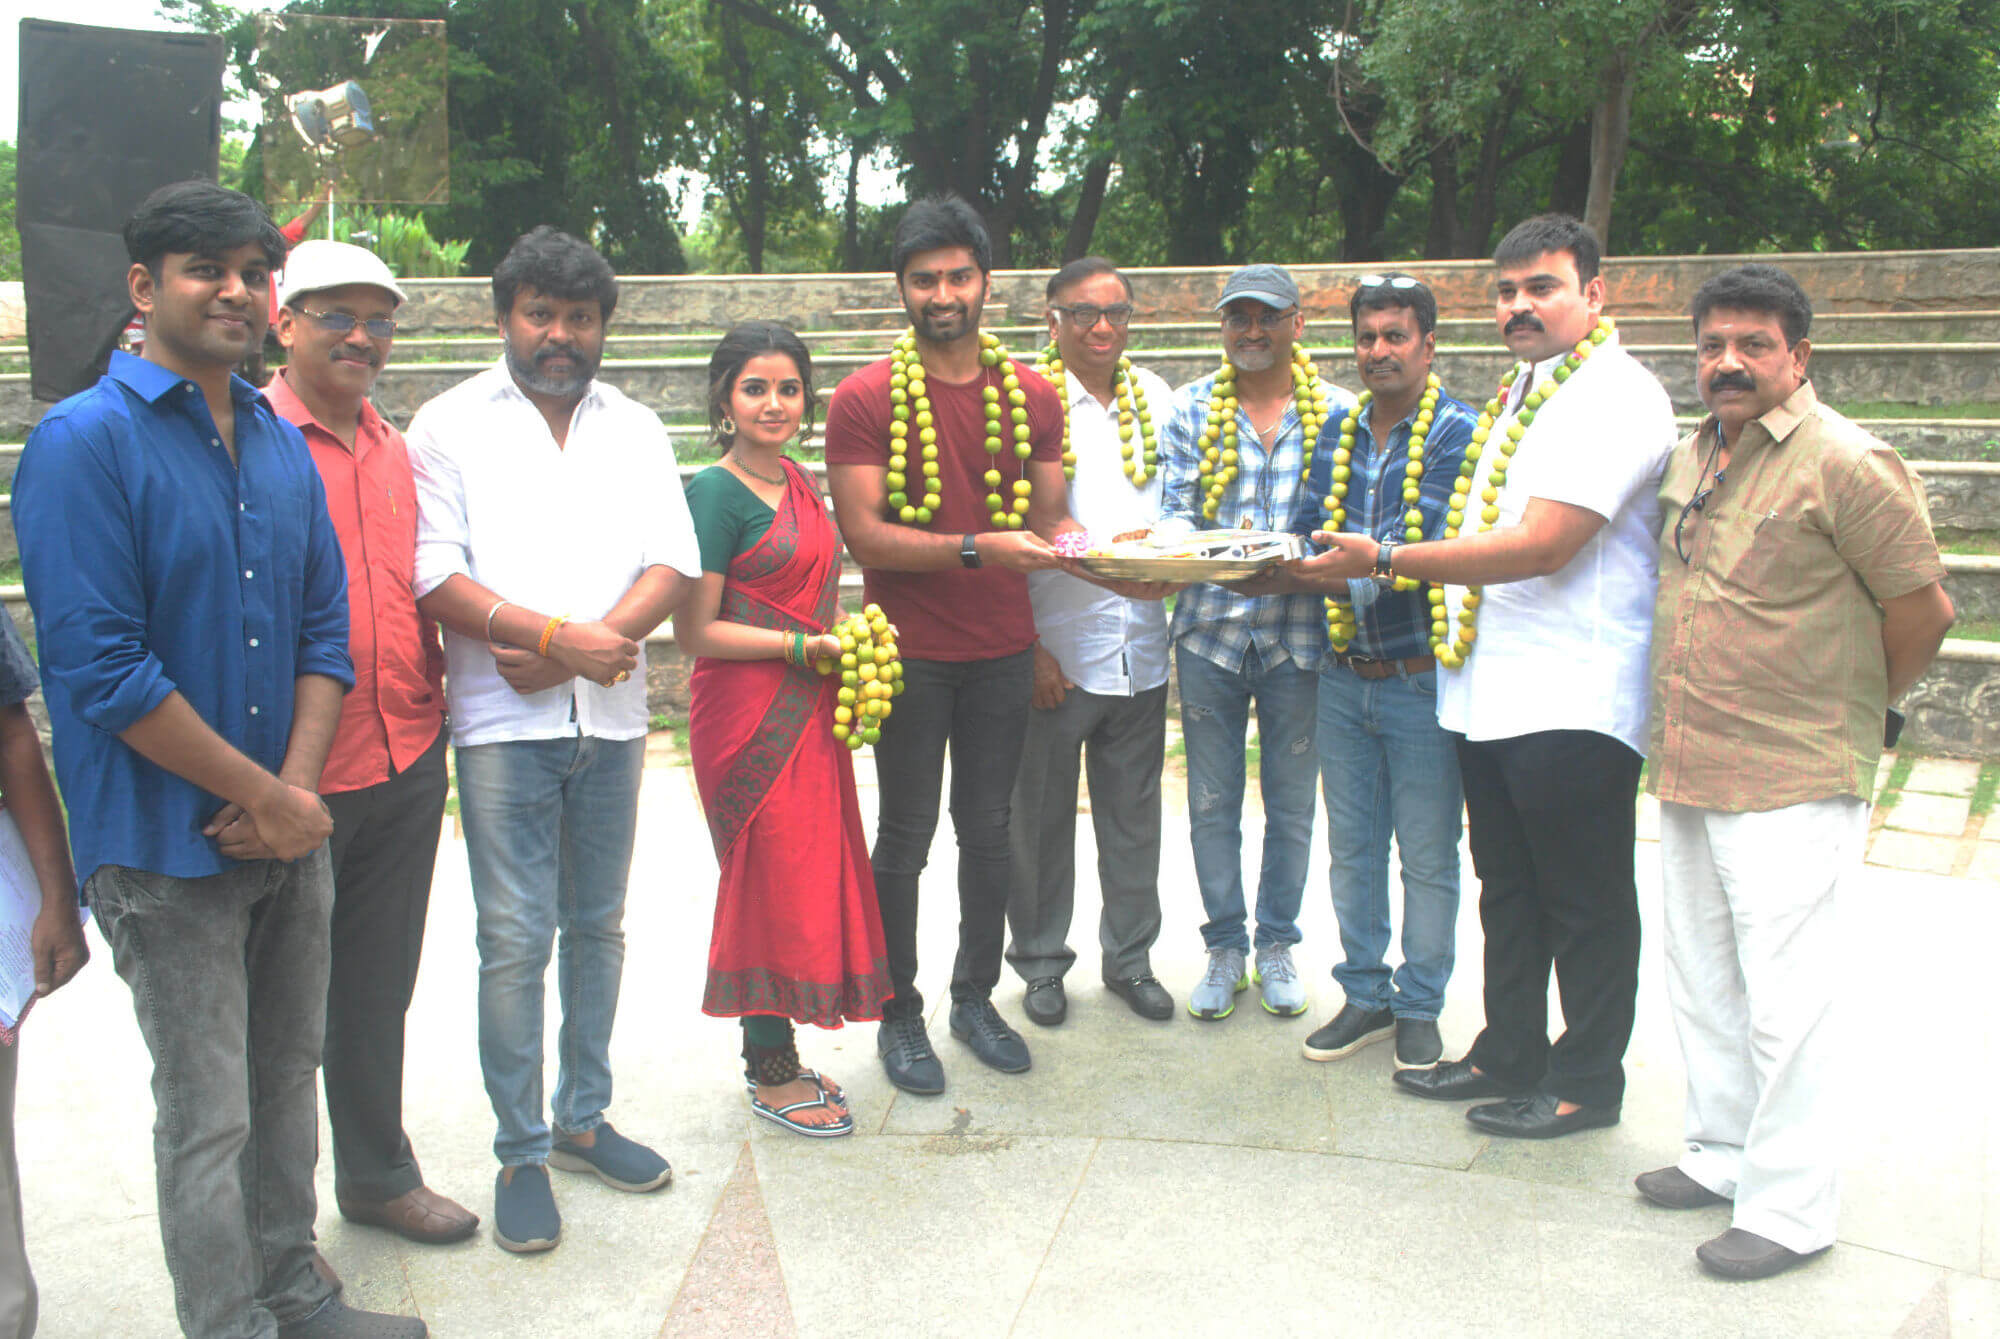 Ninnu Kori Tamil Movie